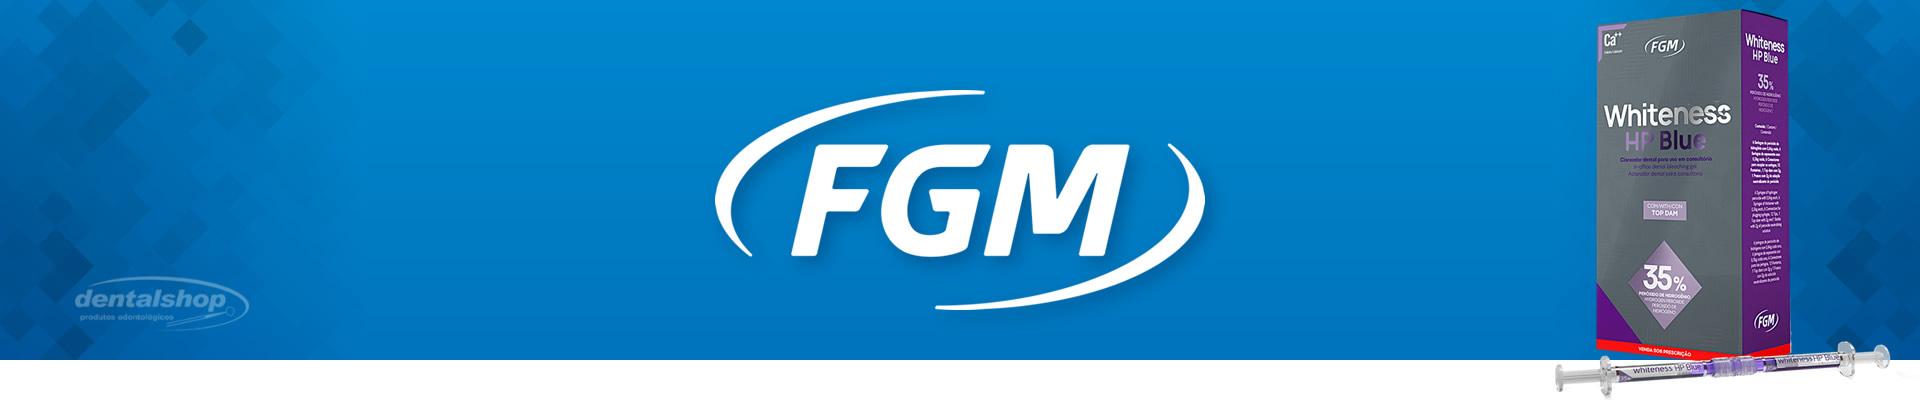 Banner FMG